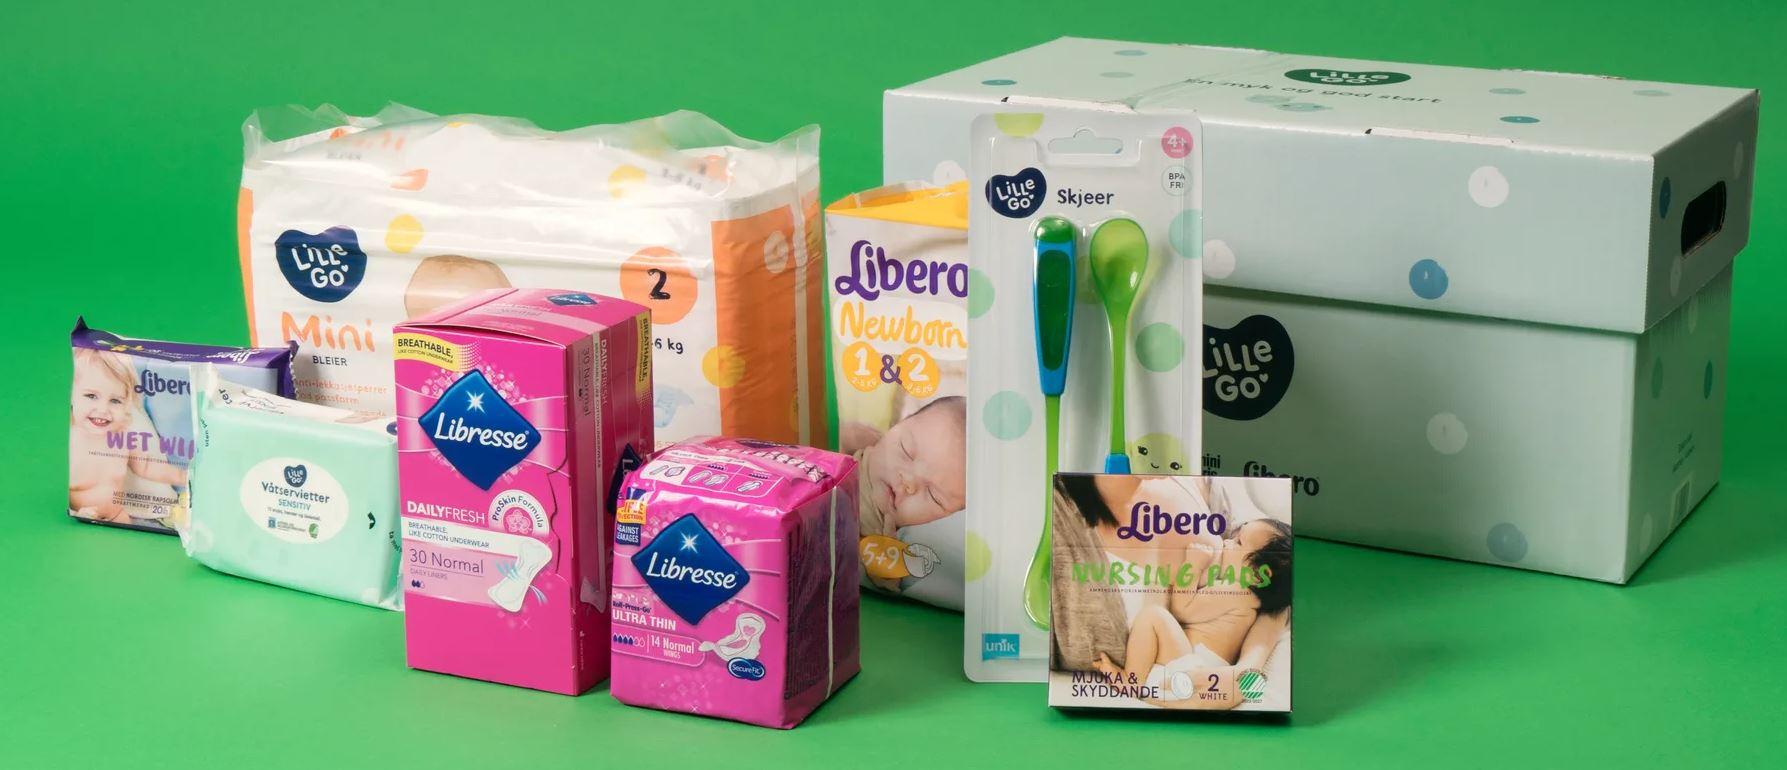 Gratis Babypakke KIWI Lille GO